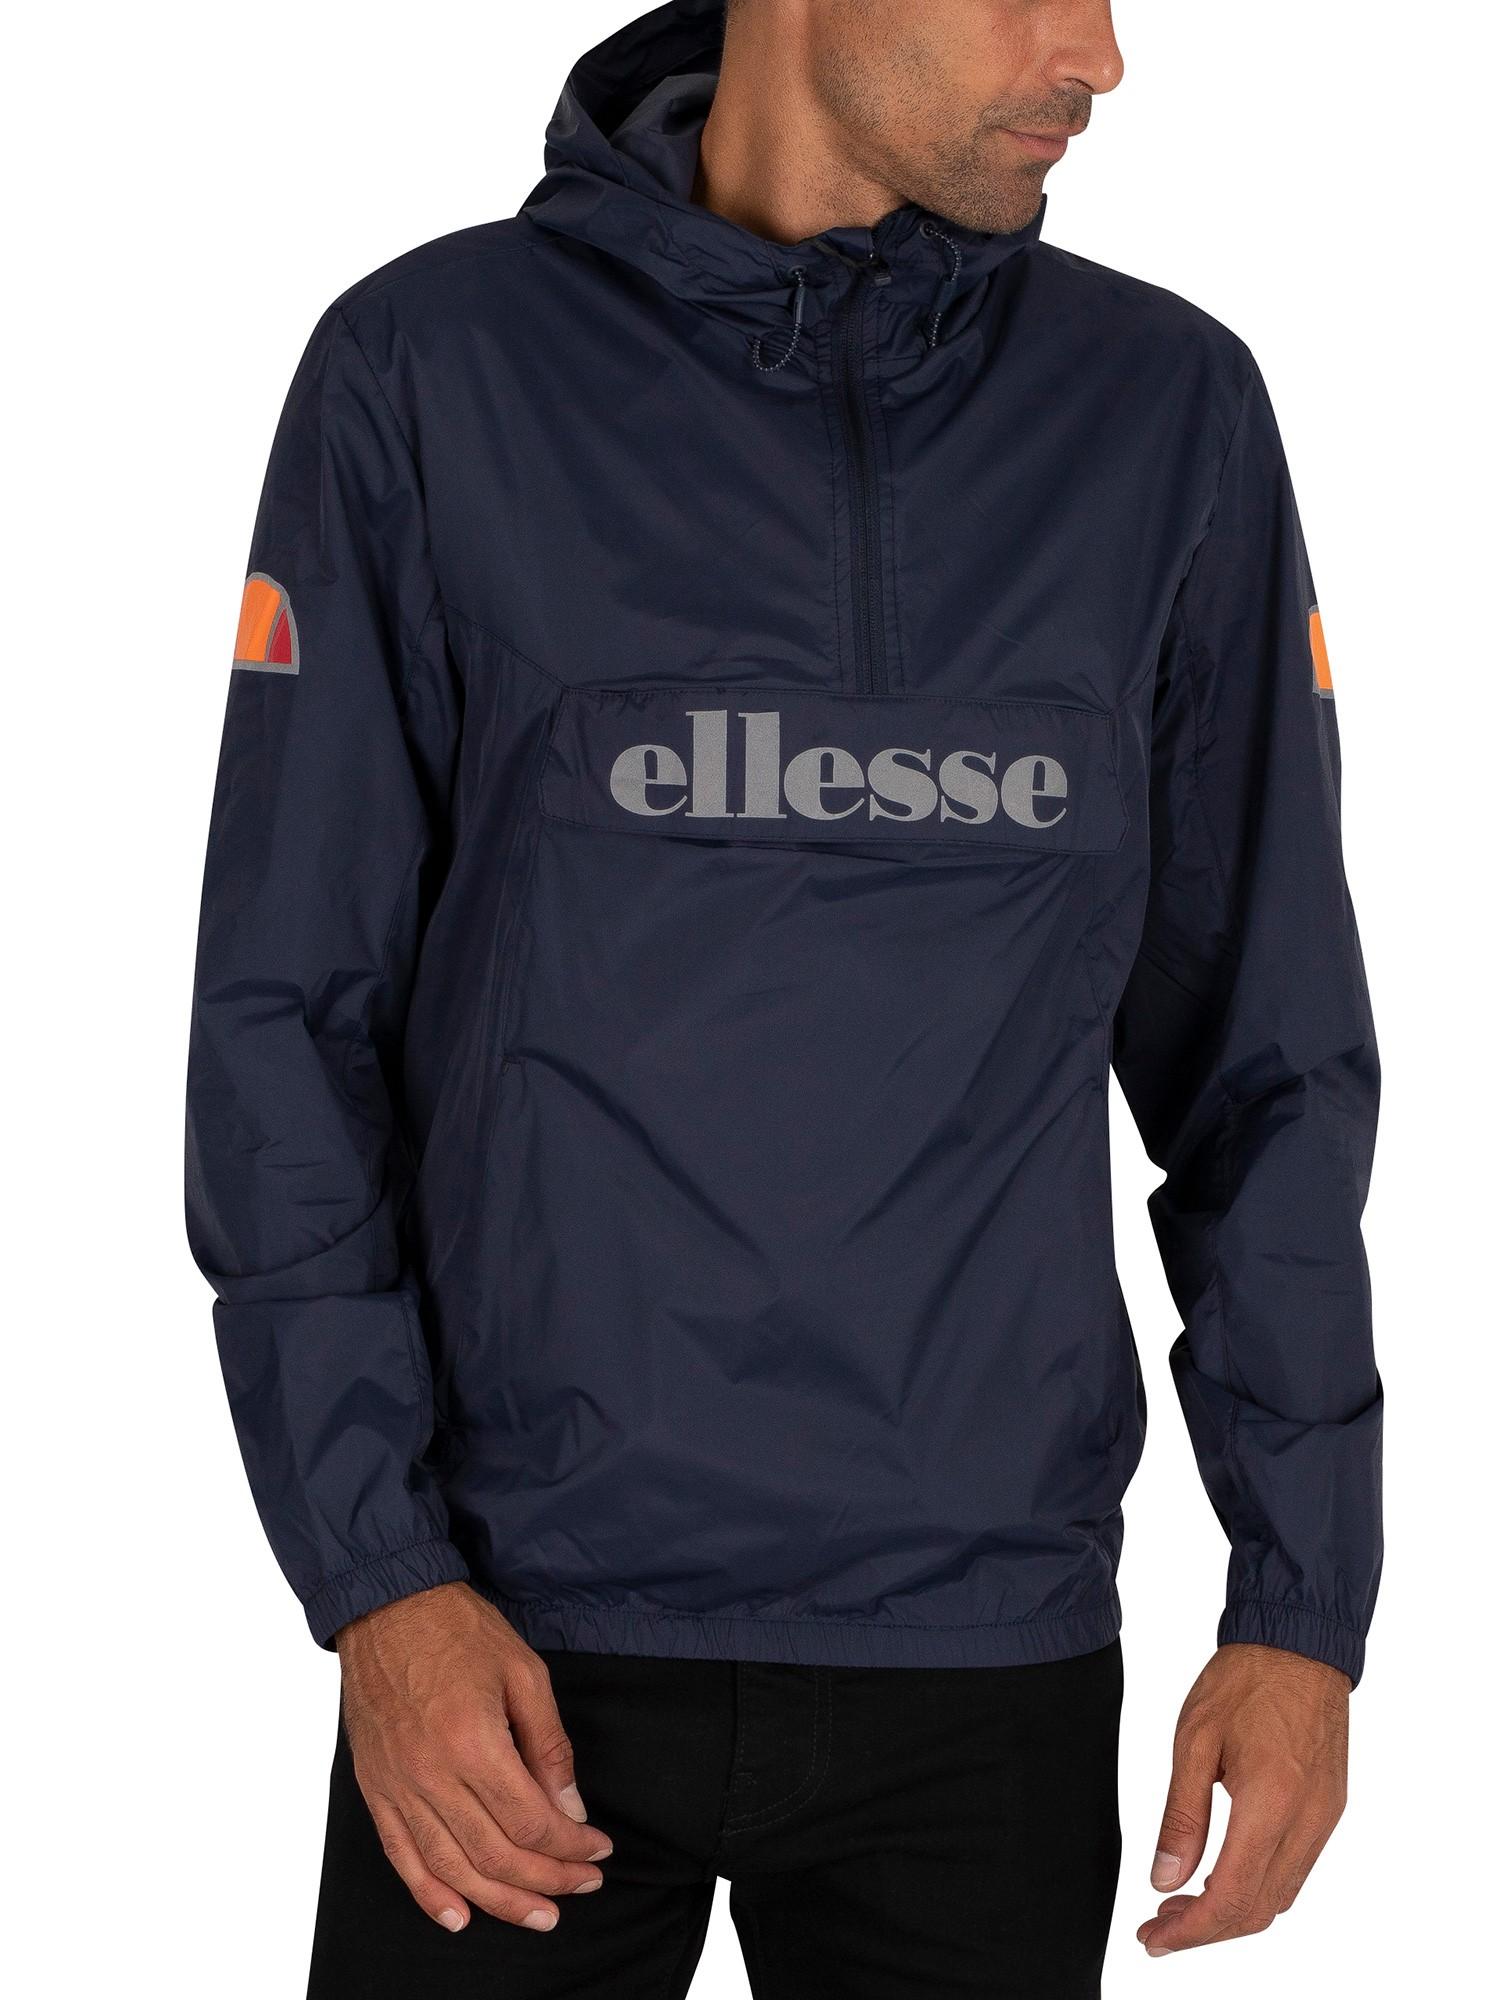 Acera-Pullover-Jacket